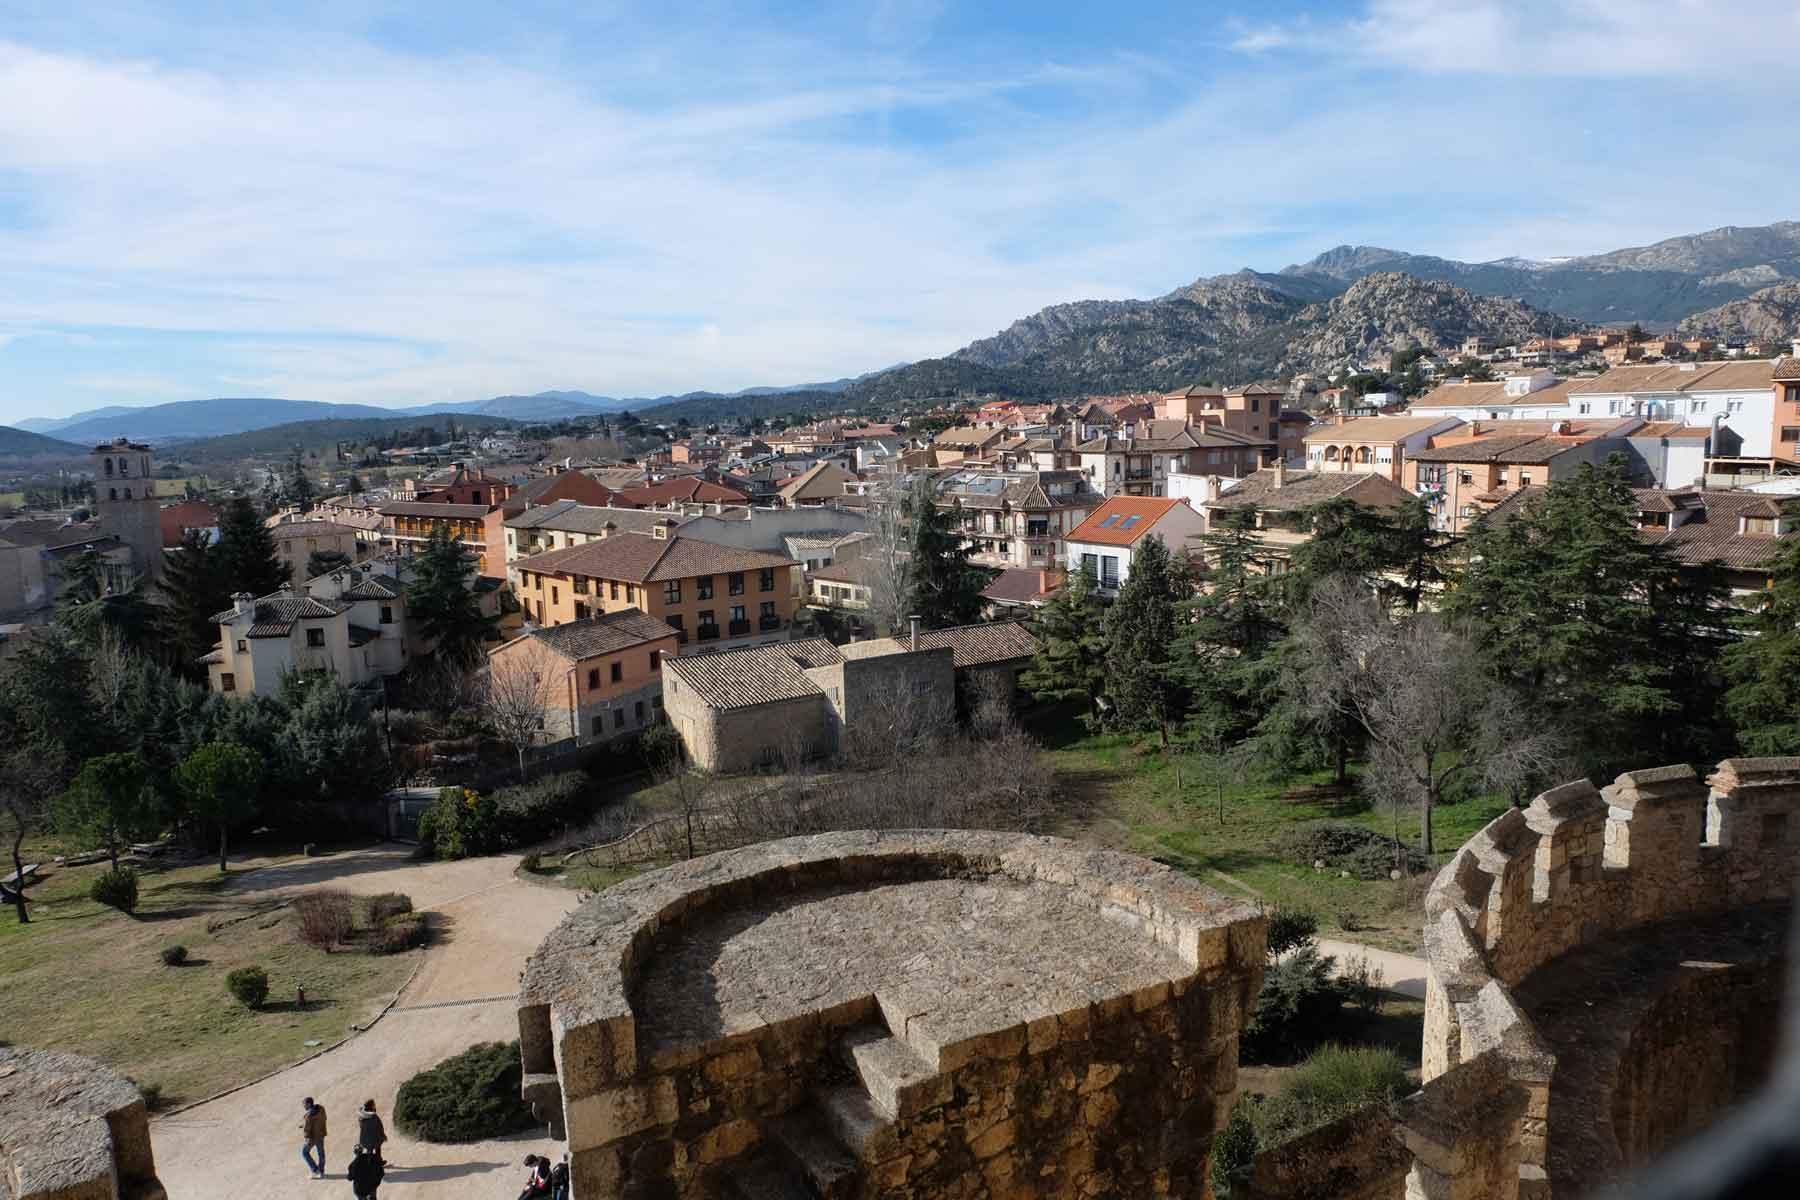 Vista del pueblo de Manzanares el Real desde el Castillo de Mendoza / Manzanares el Real view from Mendoza's Castle.